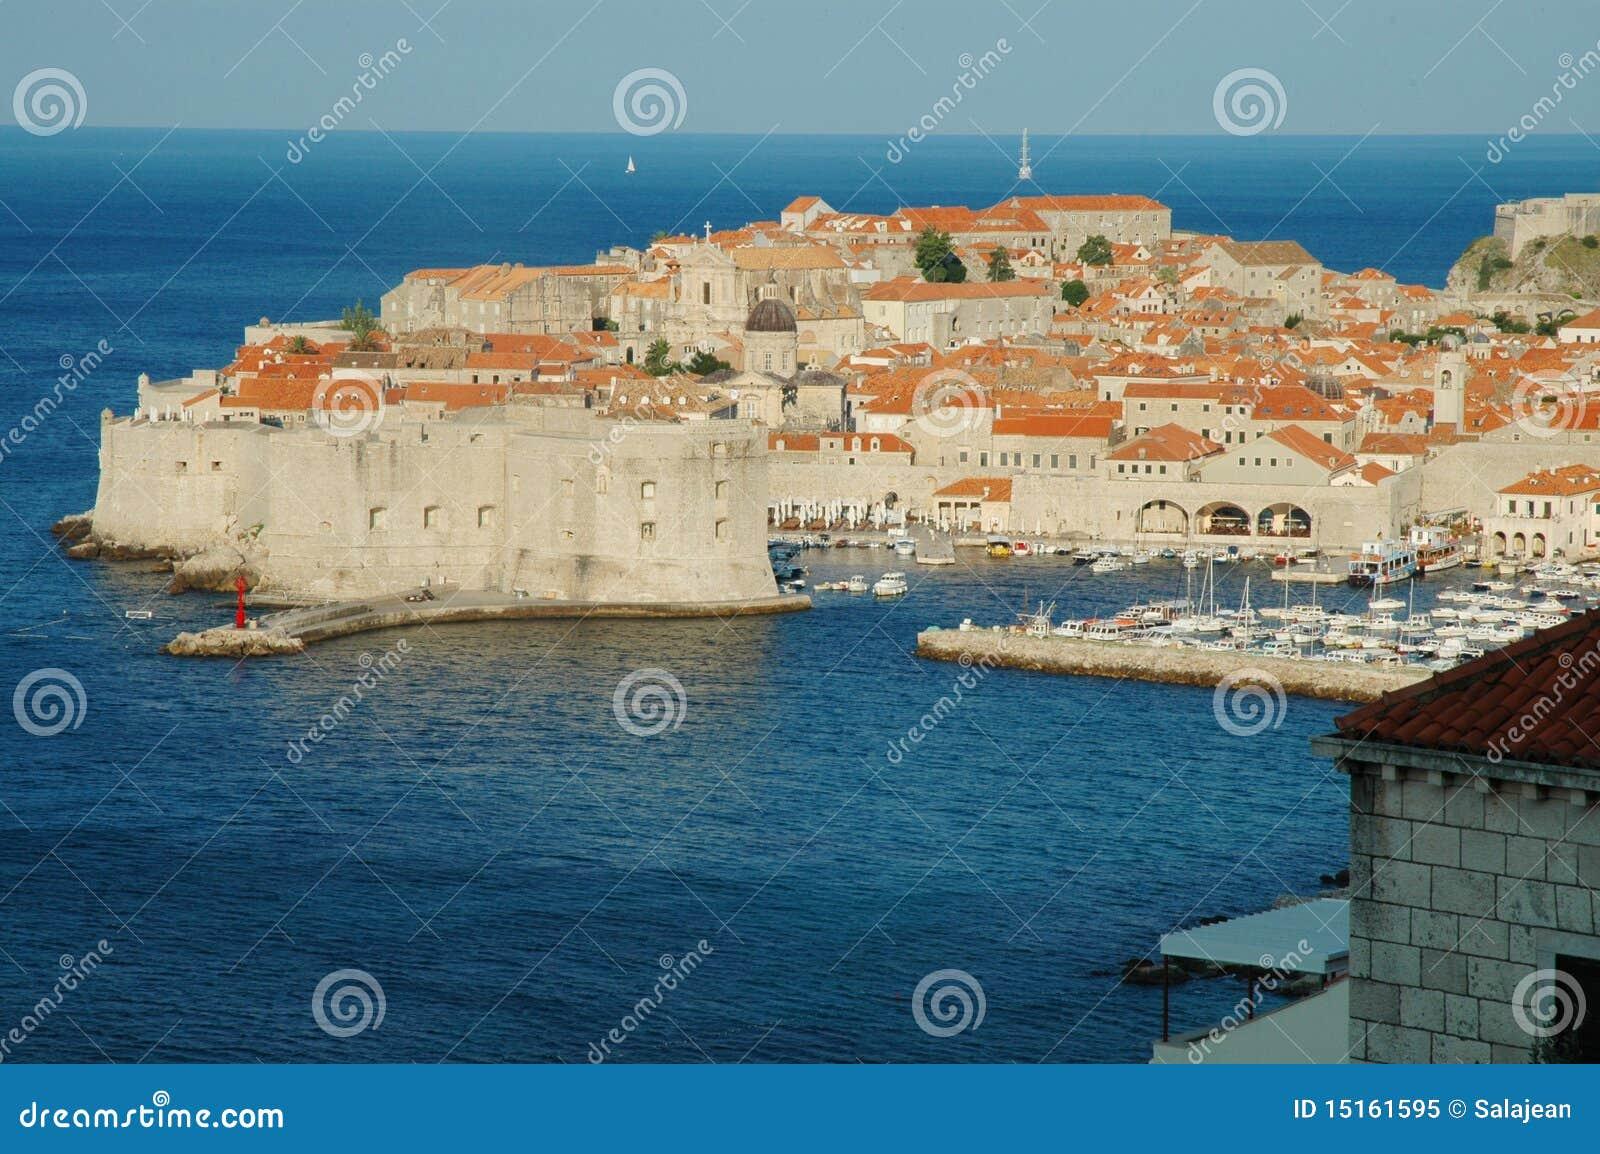 Sex Shops In Dubrovnik Croatia